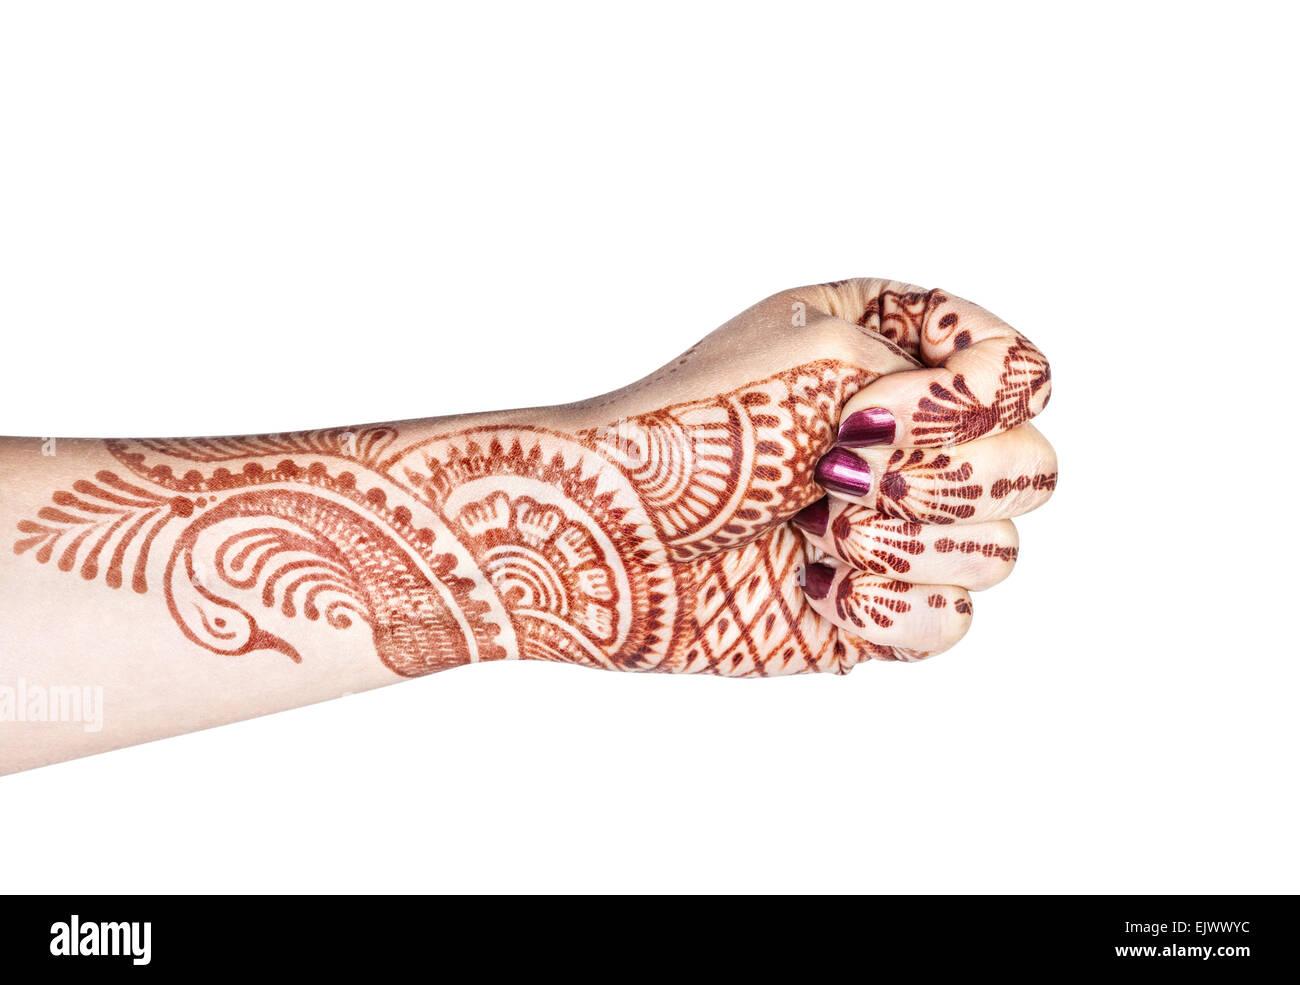 La femme de henné faire Dja mudra isolé sur fond blanc avec clipping path Photo Stock